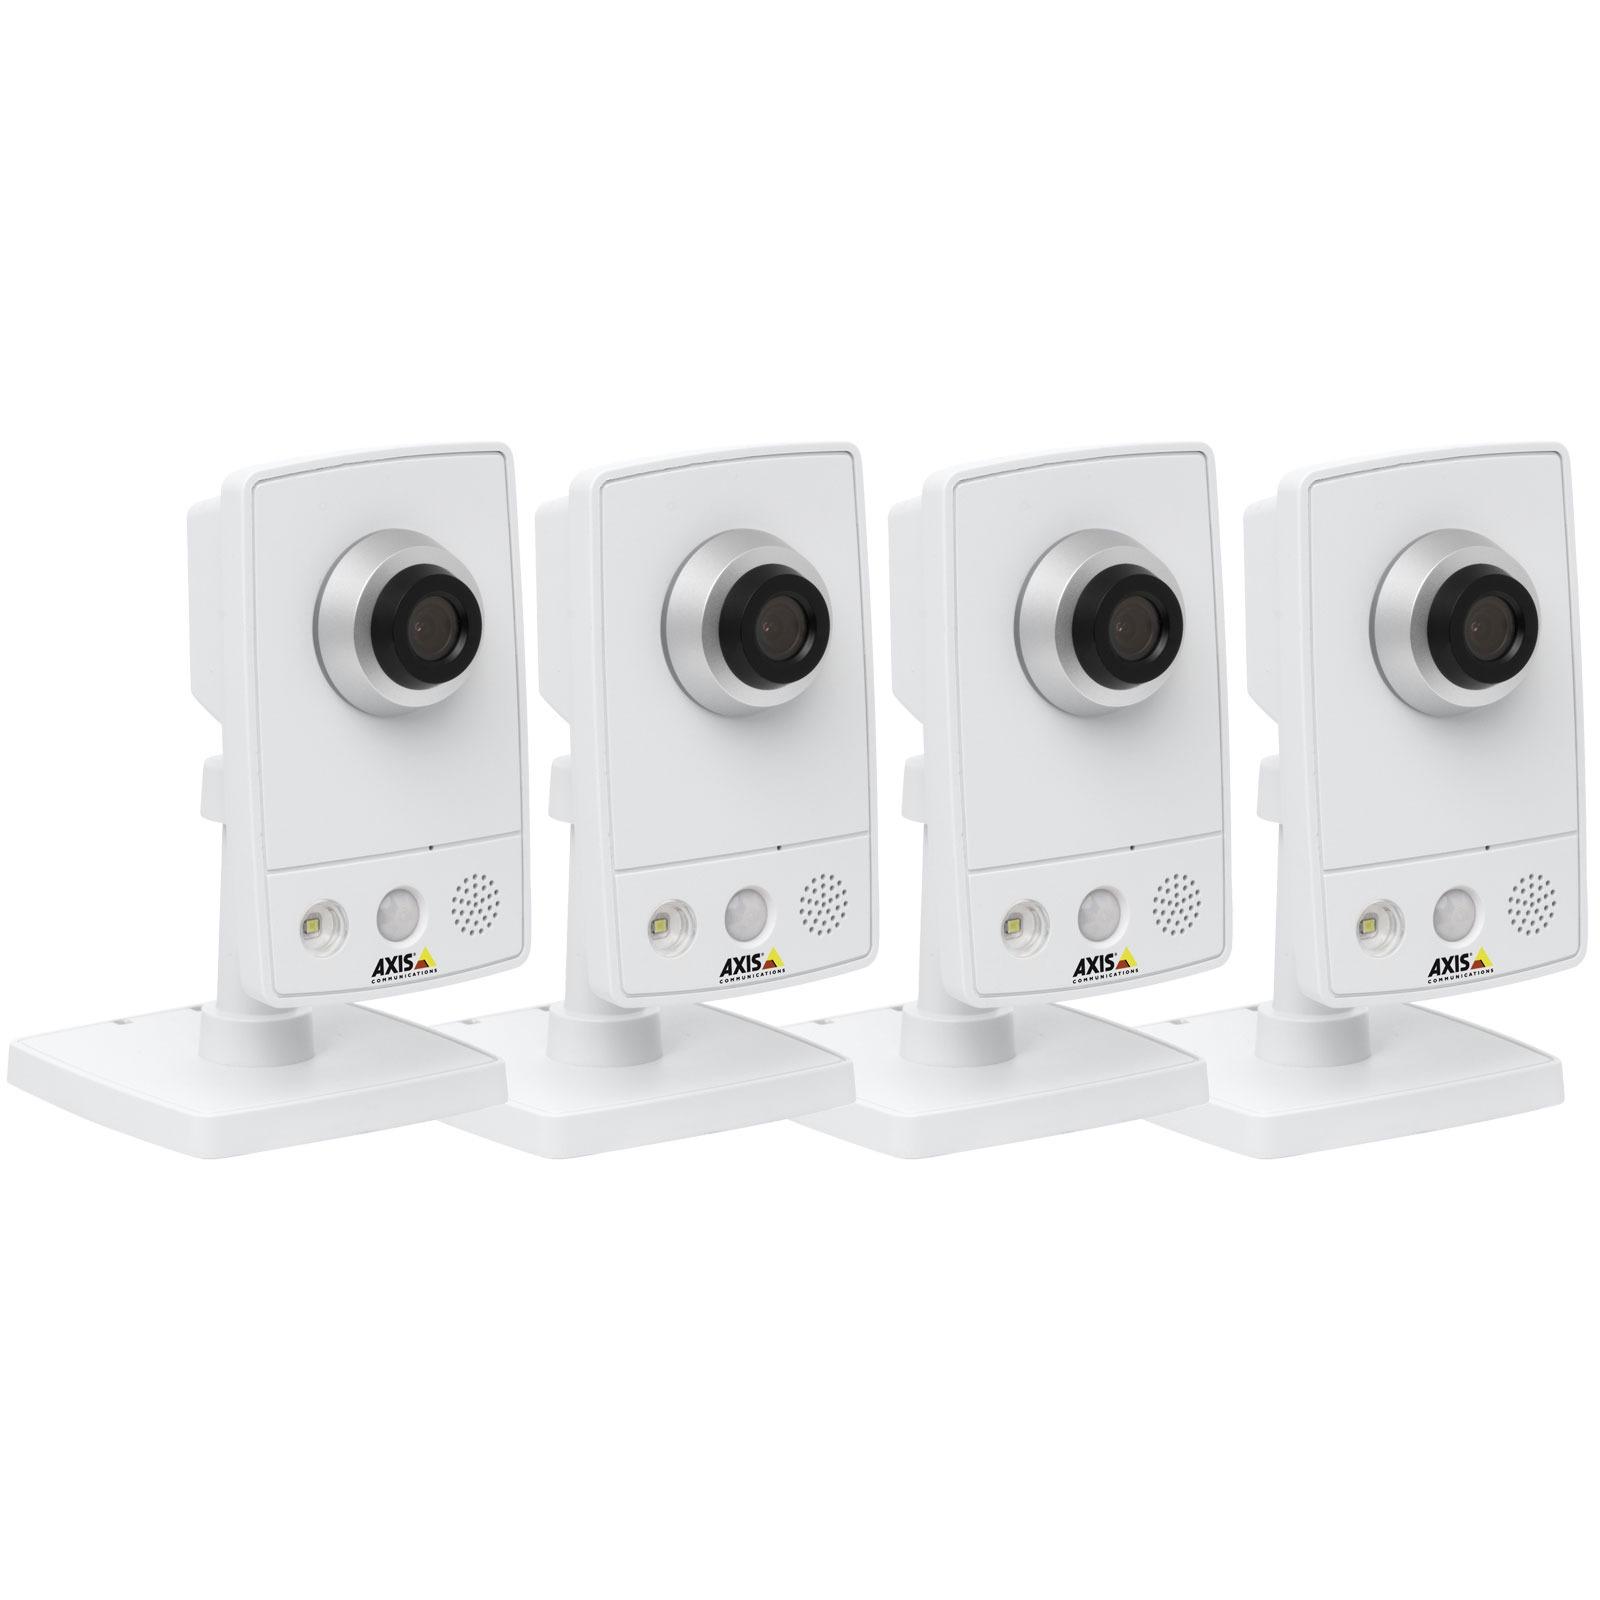 Caméra IP AXIS M1054 Surveillance kit AXIS M1054 Surveillance kit - Pack de 4 caméras réseau haute définition 720p PoE